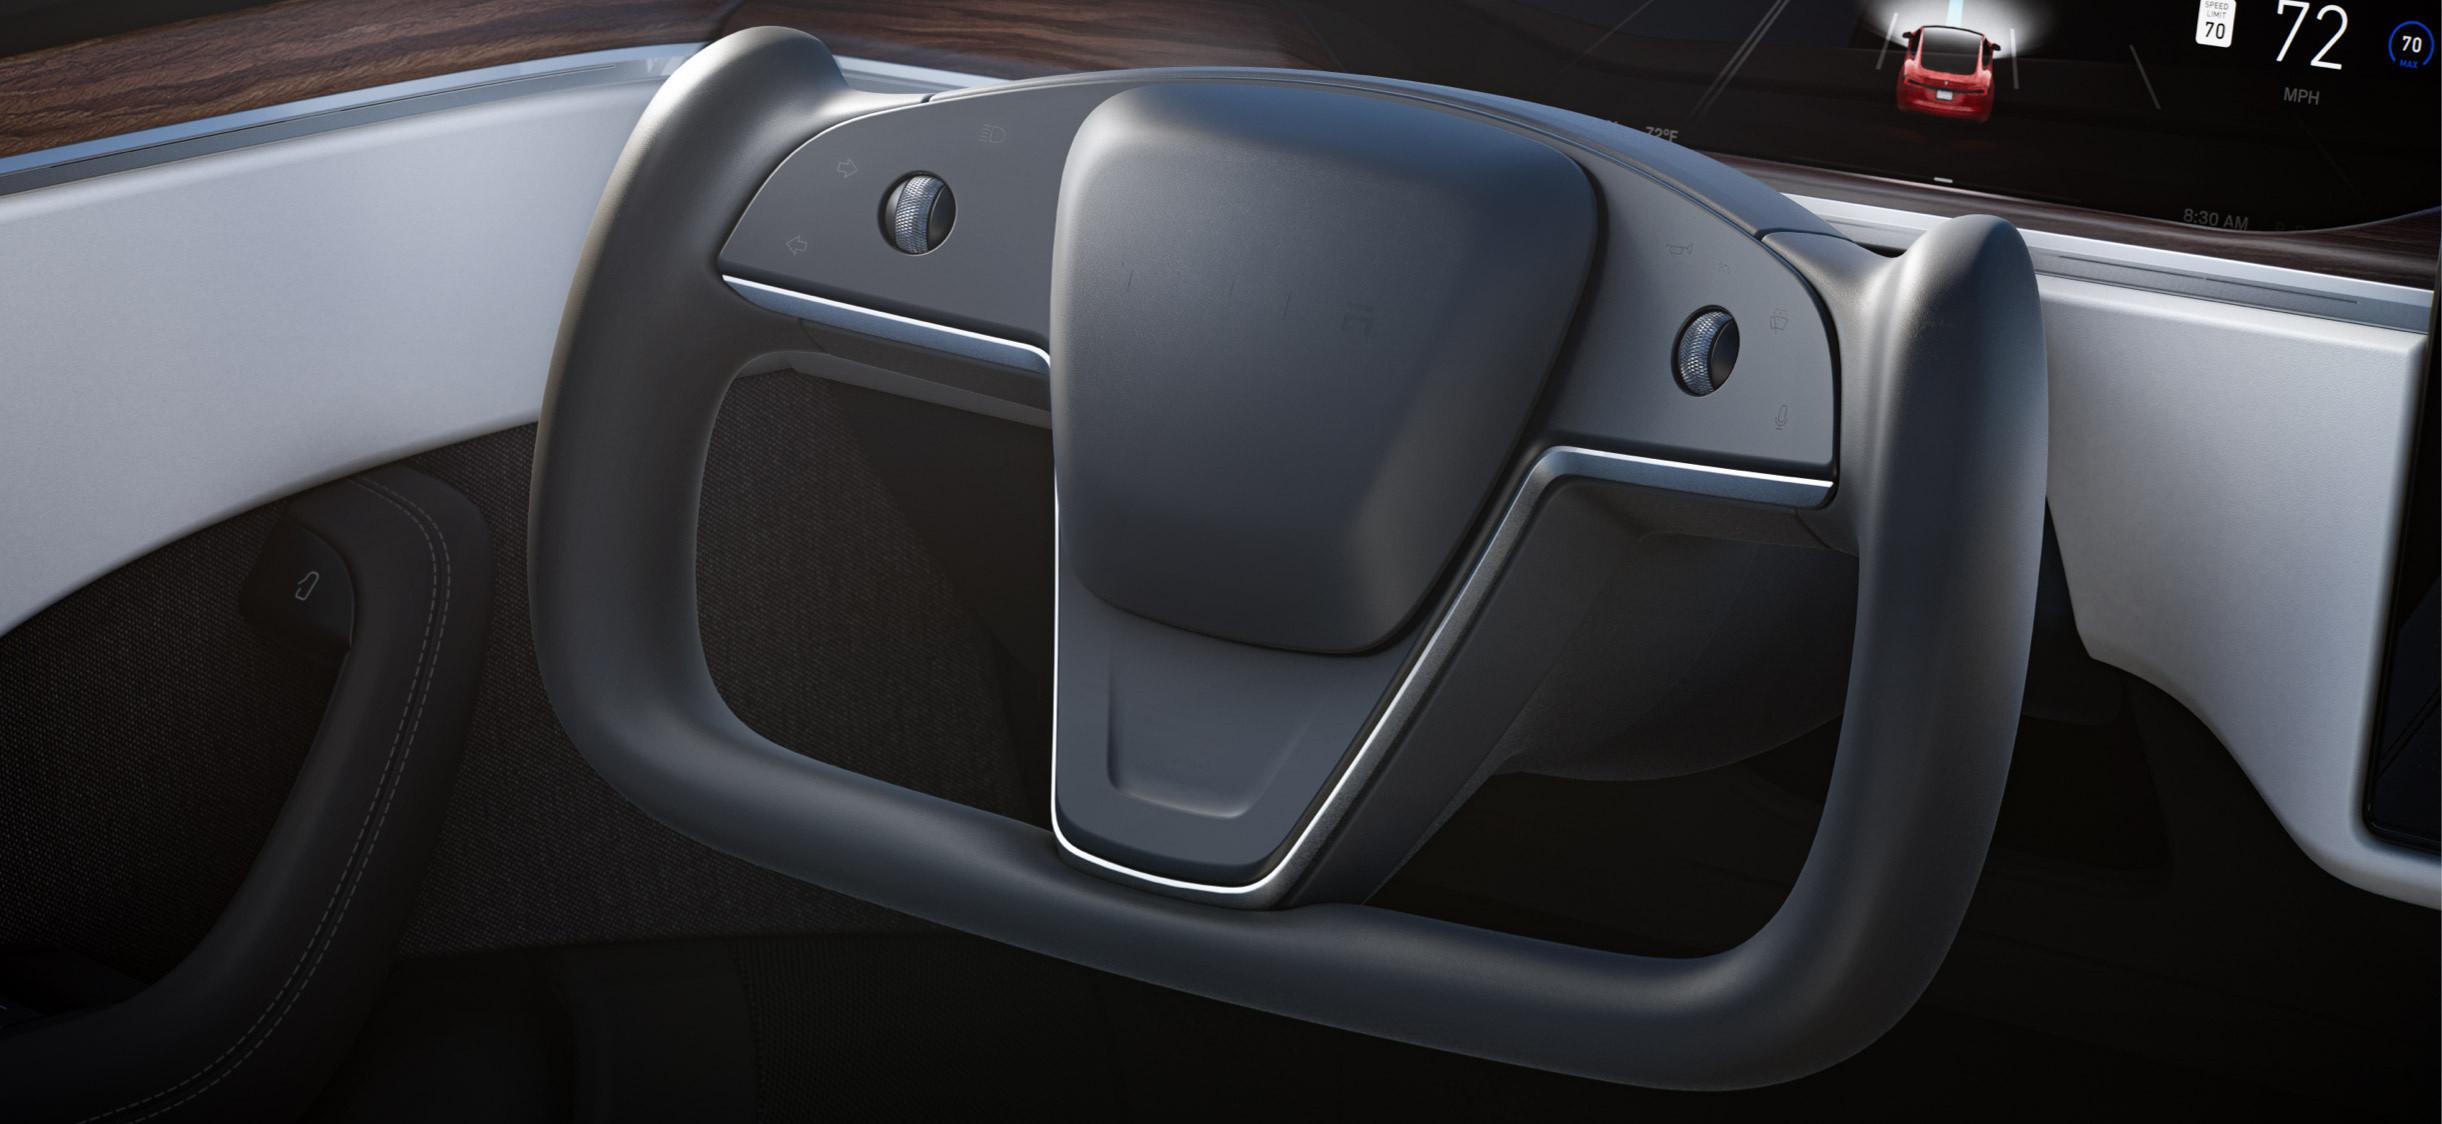 новый руль Tesla Model S 2021 - 2022